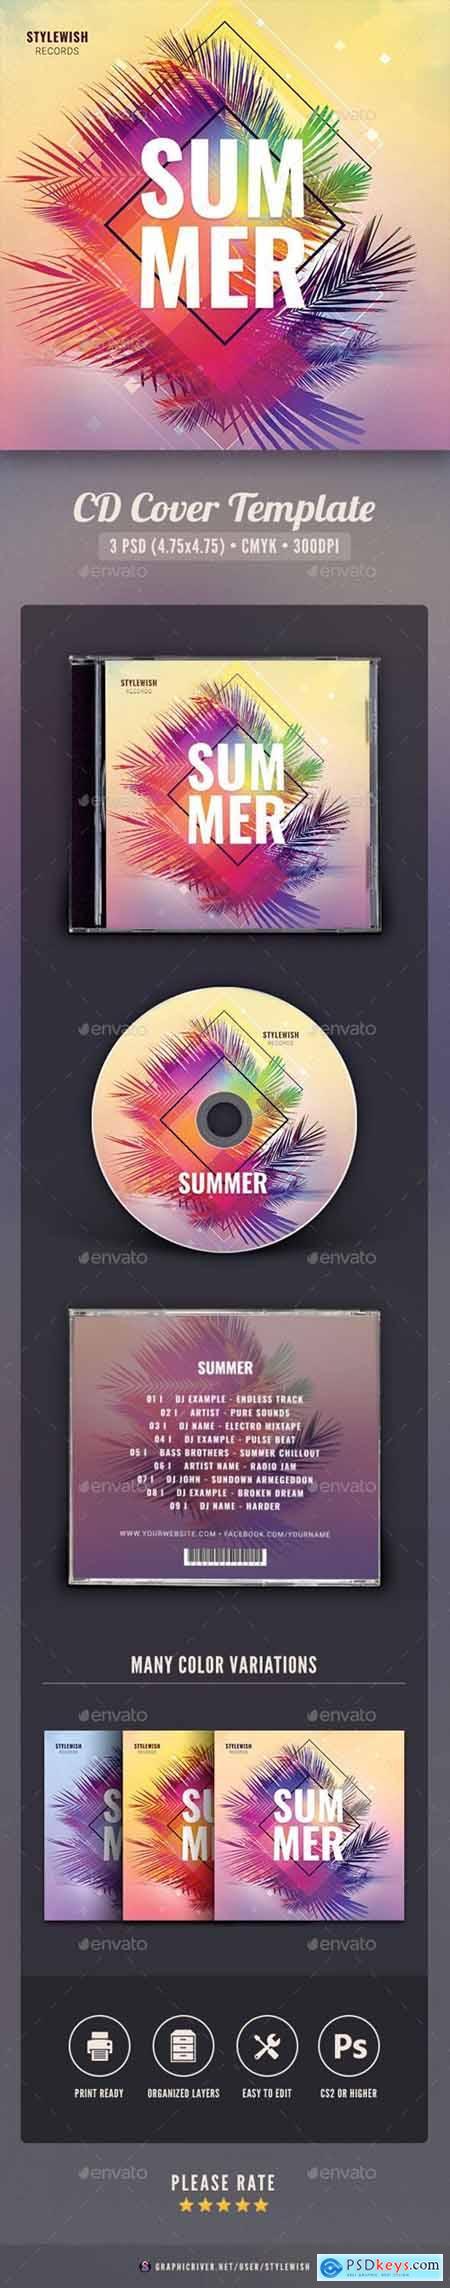 Summer CD Cover Artwork 25793397